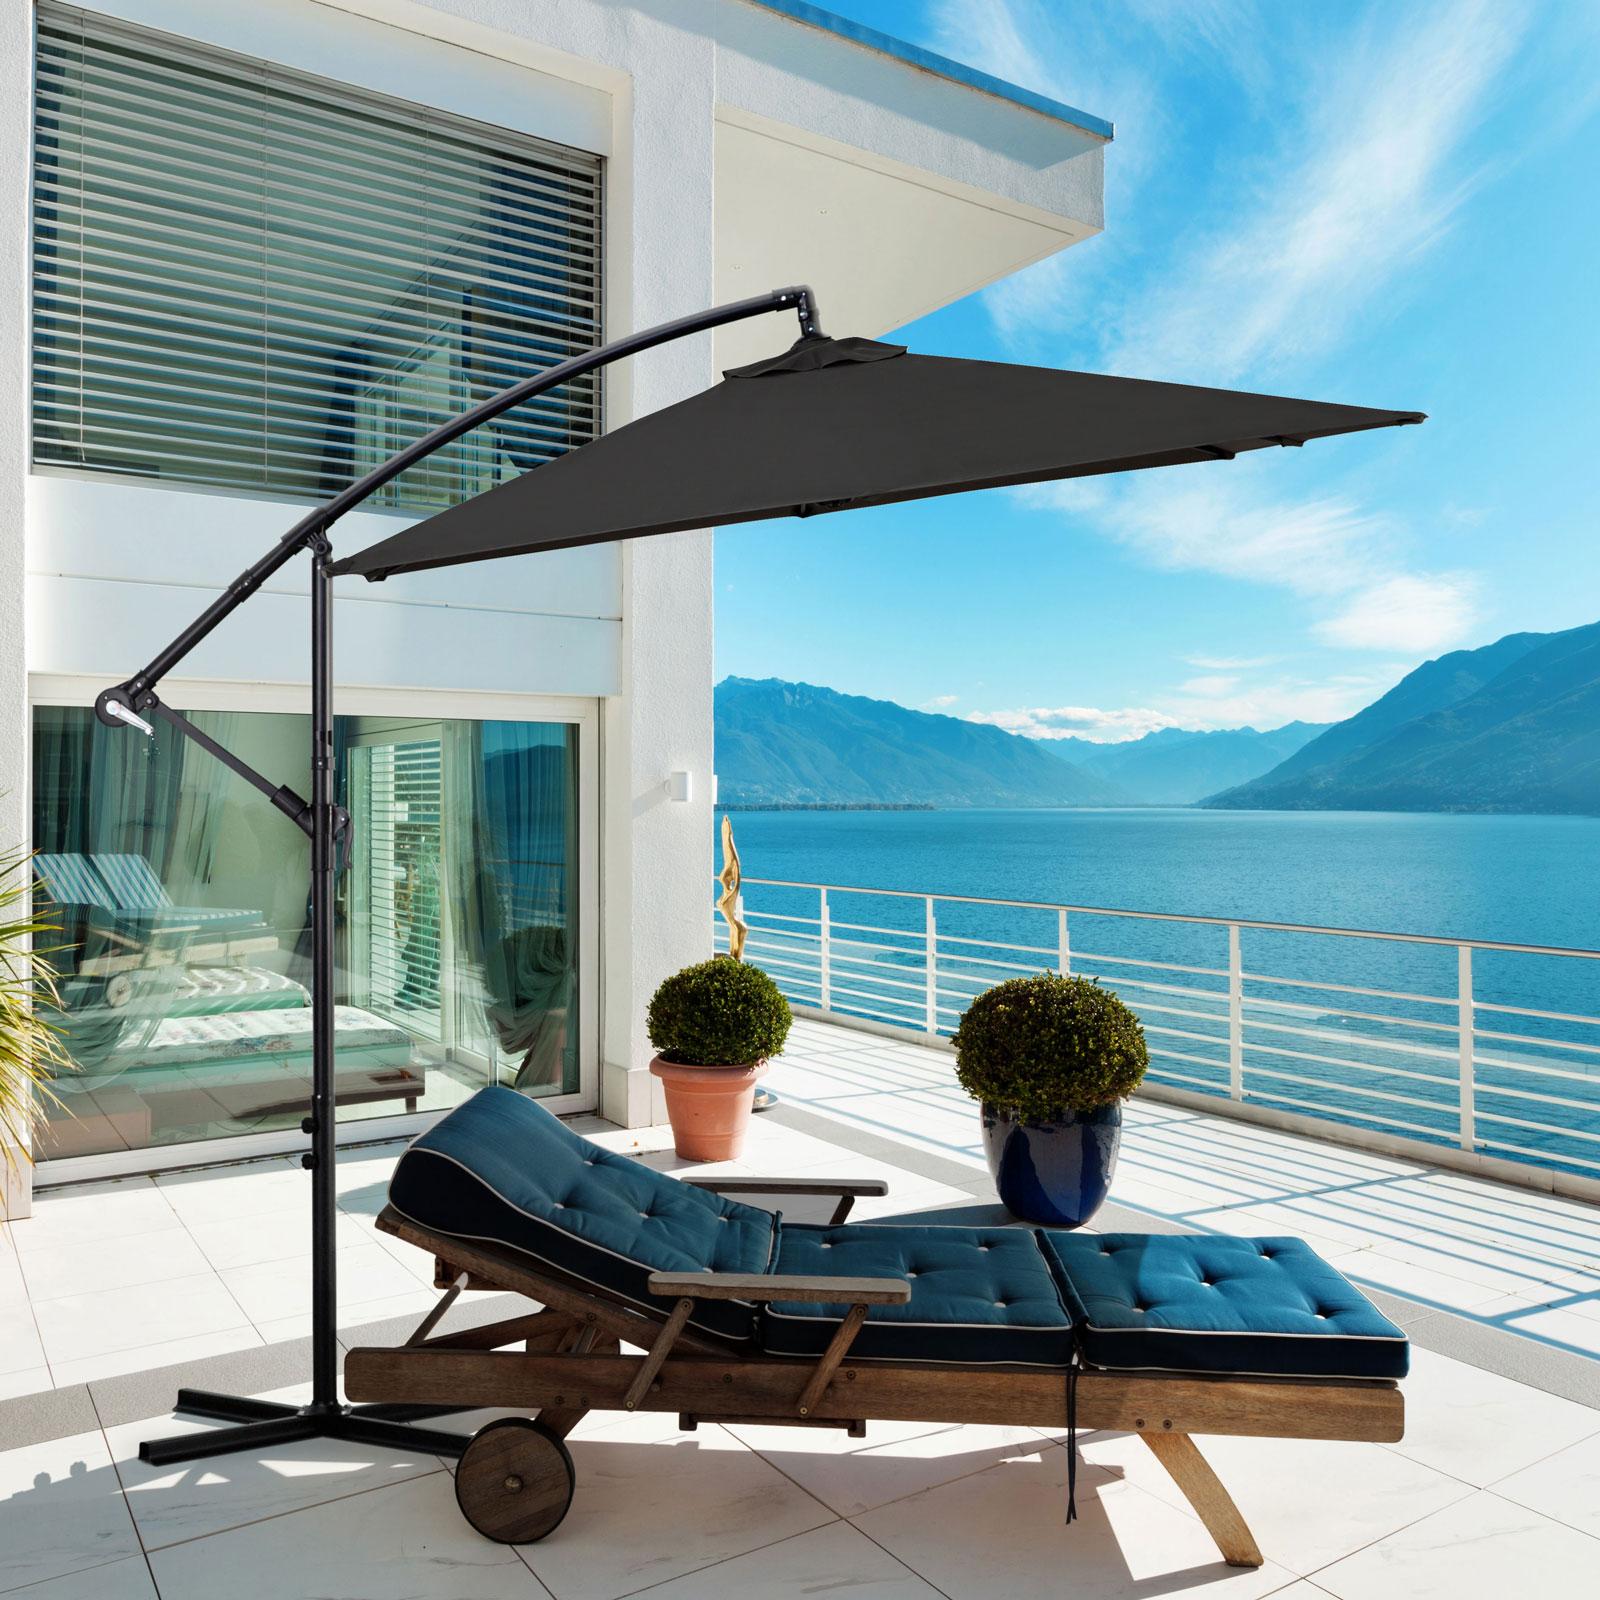 Milano-2-2M-Outdoor-Umbrella-Cantilever-Garden-Deck-Patio-Shade-Water-Resistant thumbnail 12